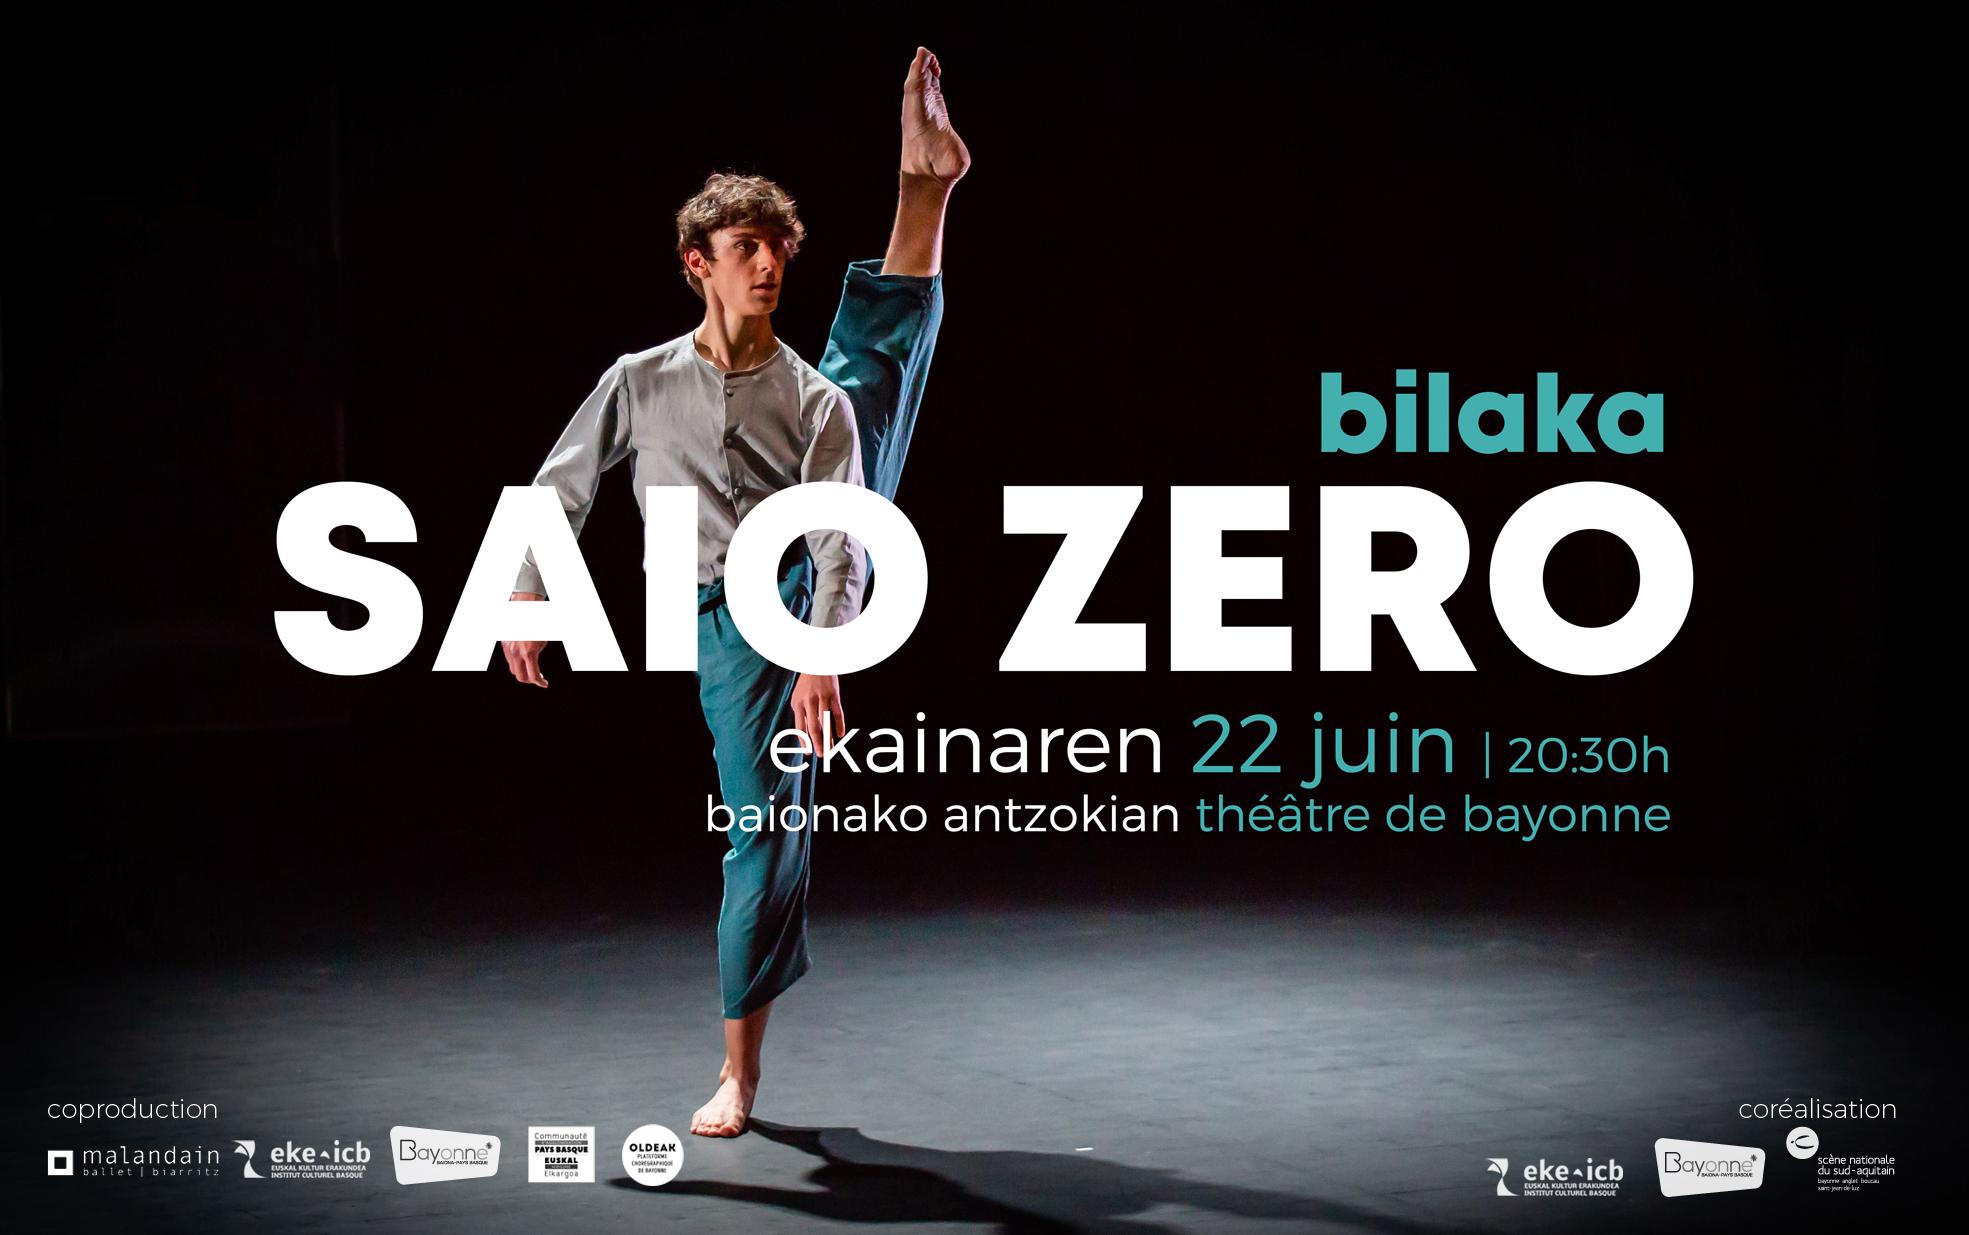 Bilaka: Saio Zero